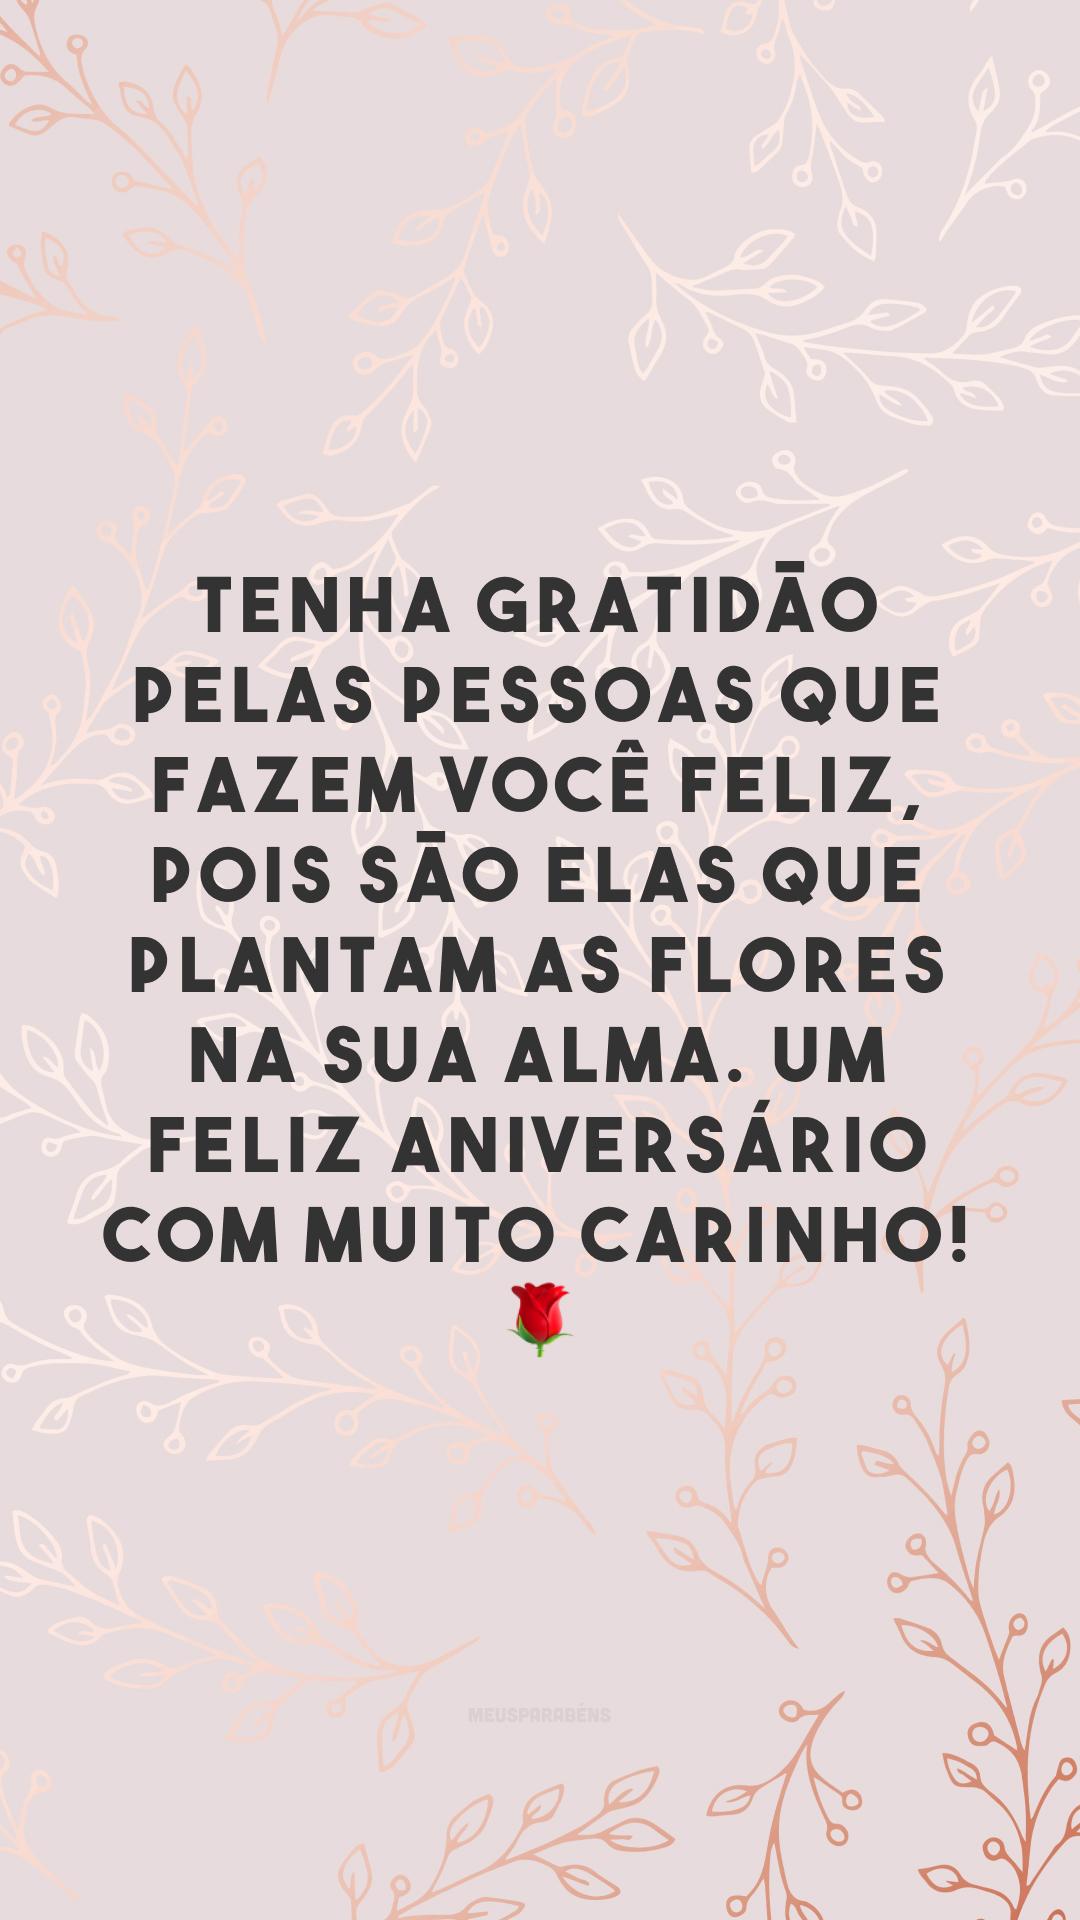 Tenha gratidão pelas pessoas que fazem você feliz, pois são elas que plantam as flores na sua alma. Um feliz aniversário com muito carinho! 🌹